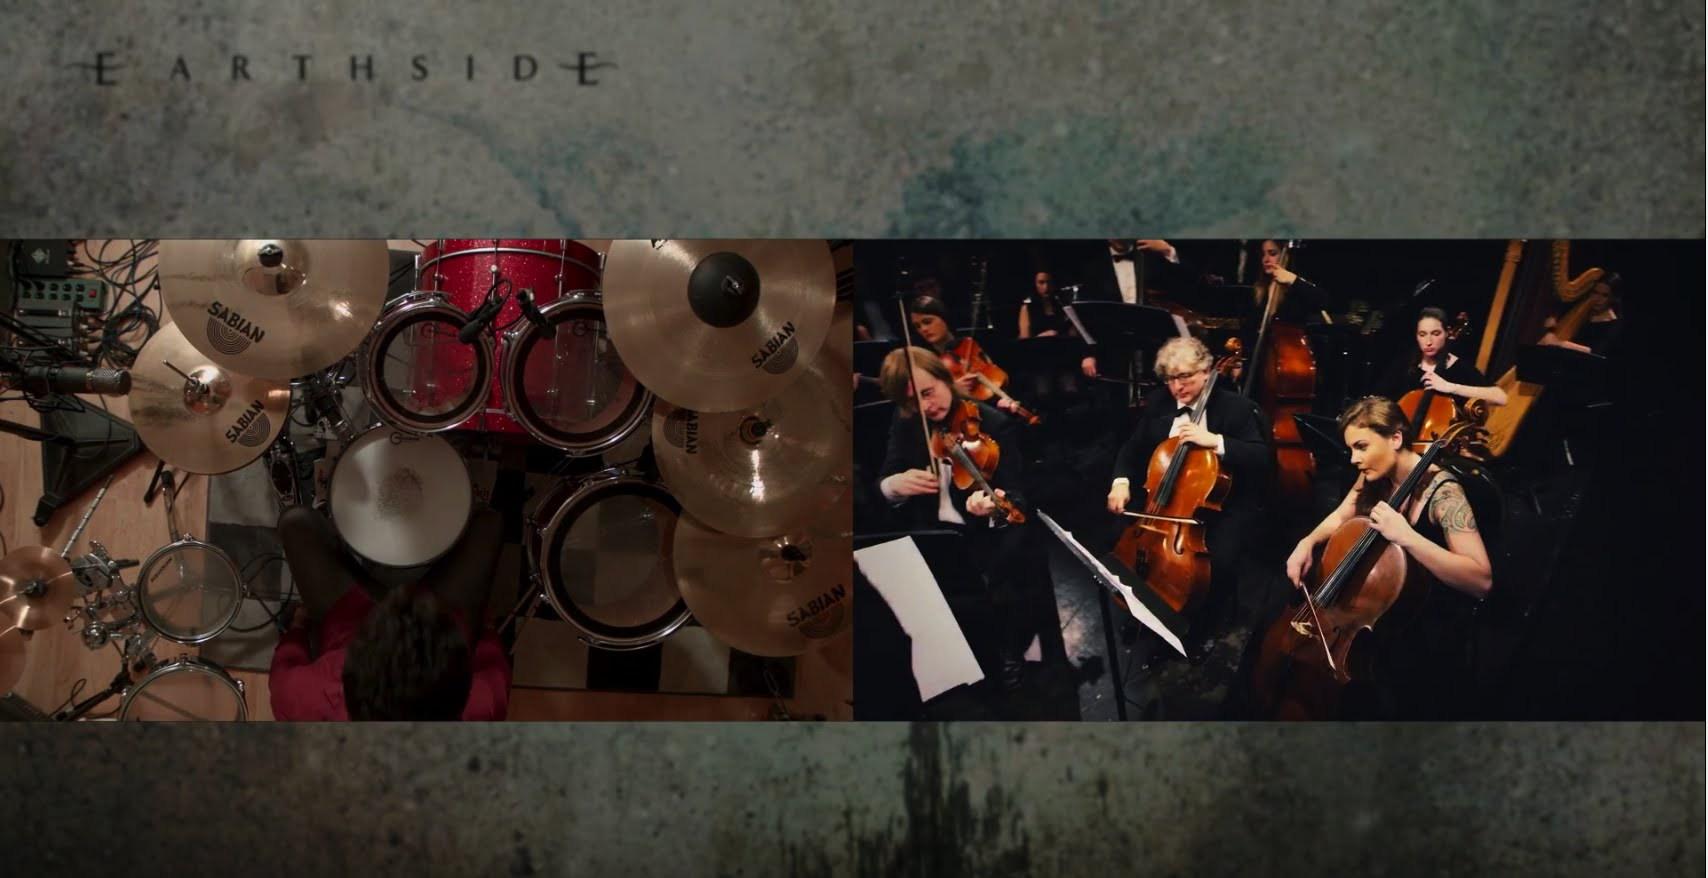 Earthside-Drum-playthrough